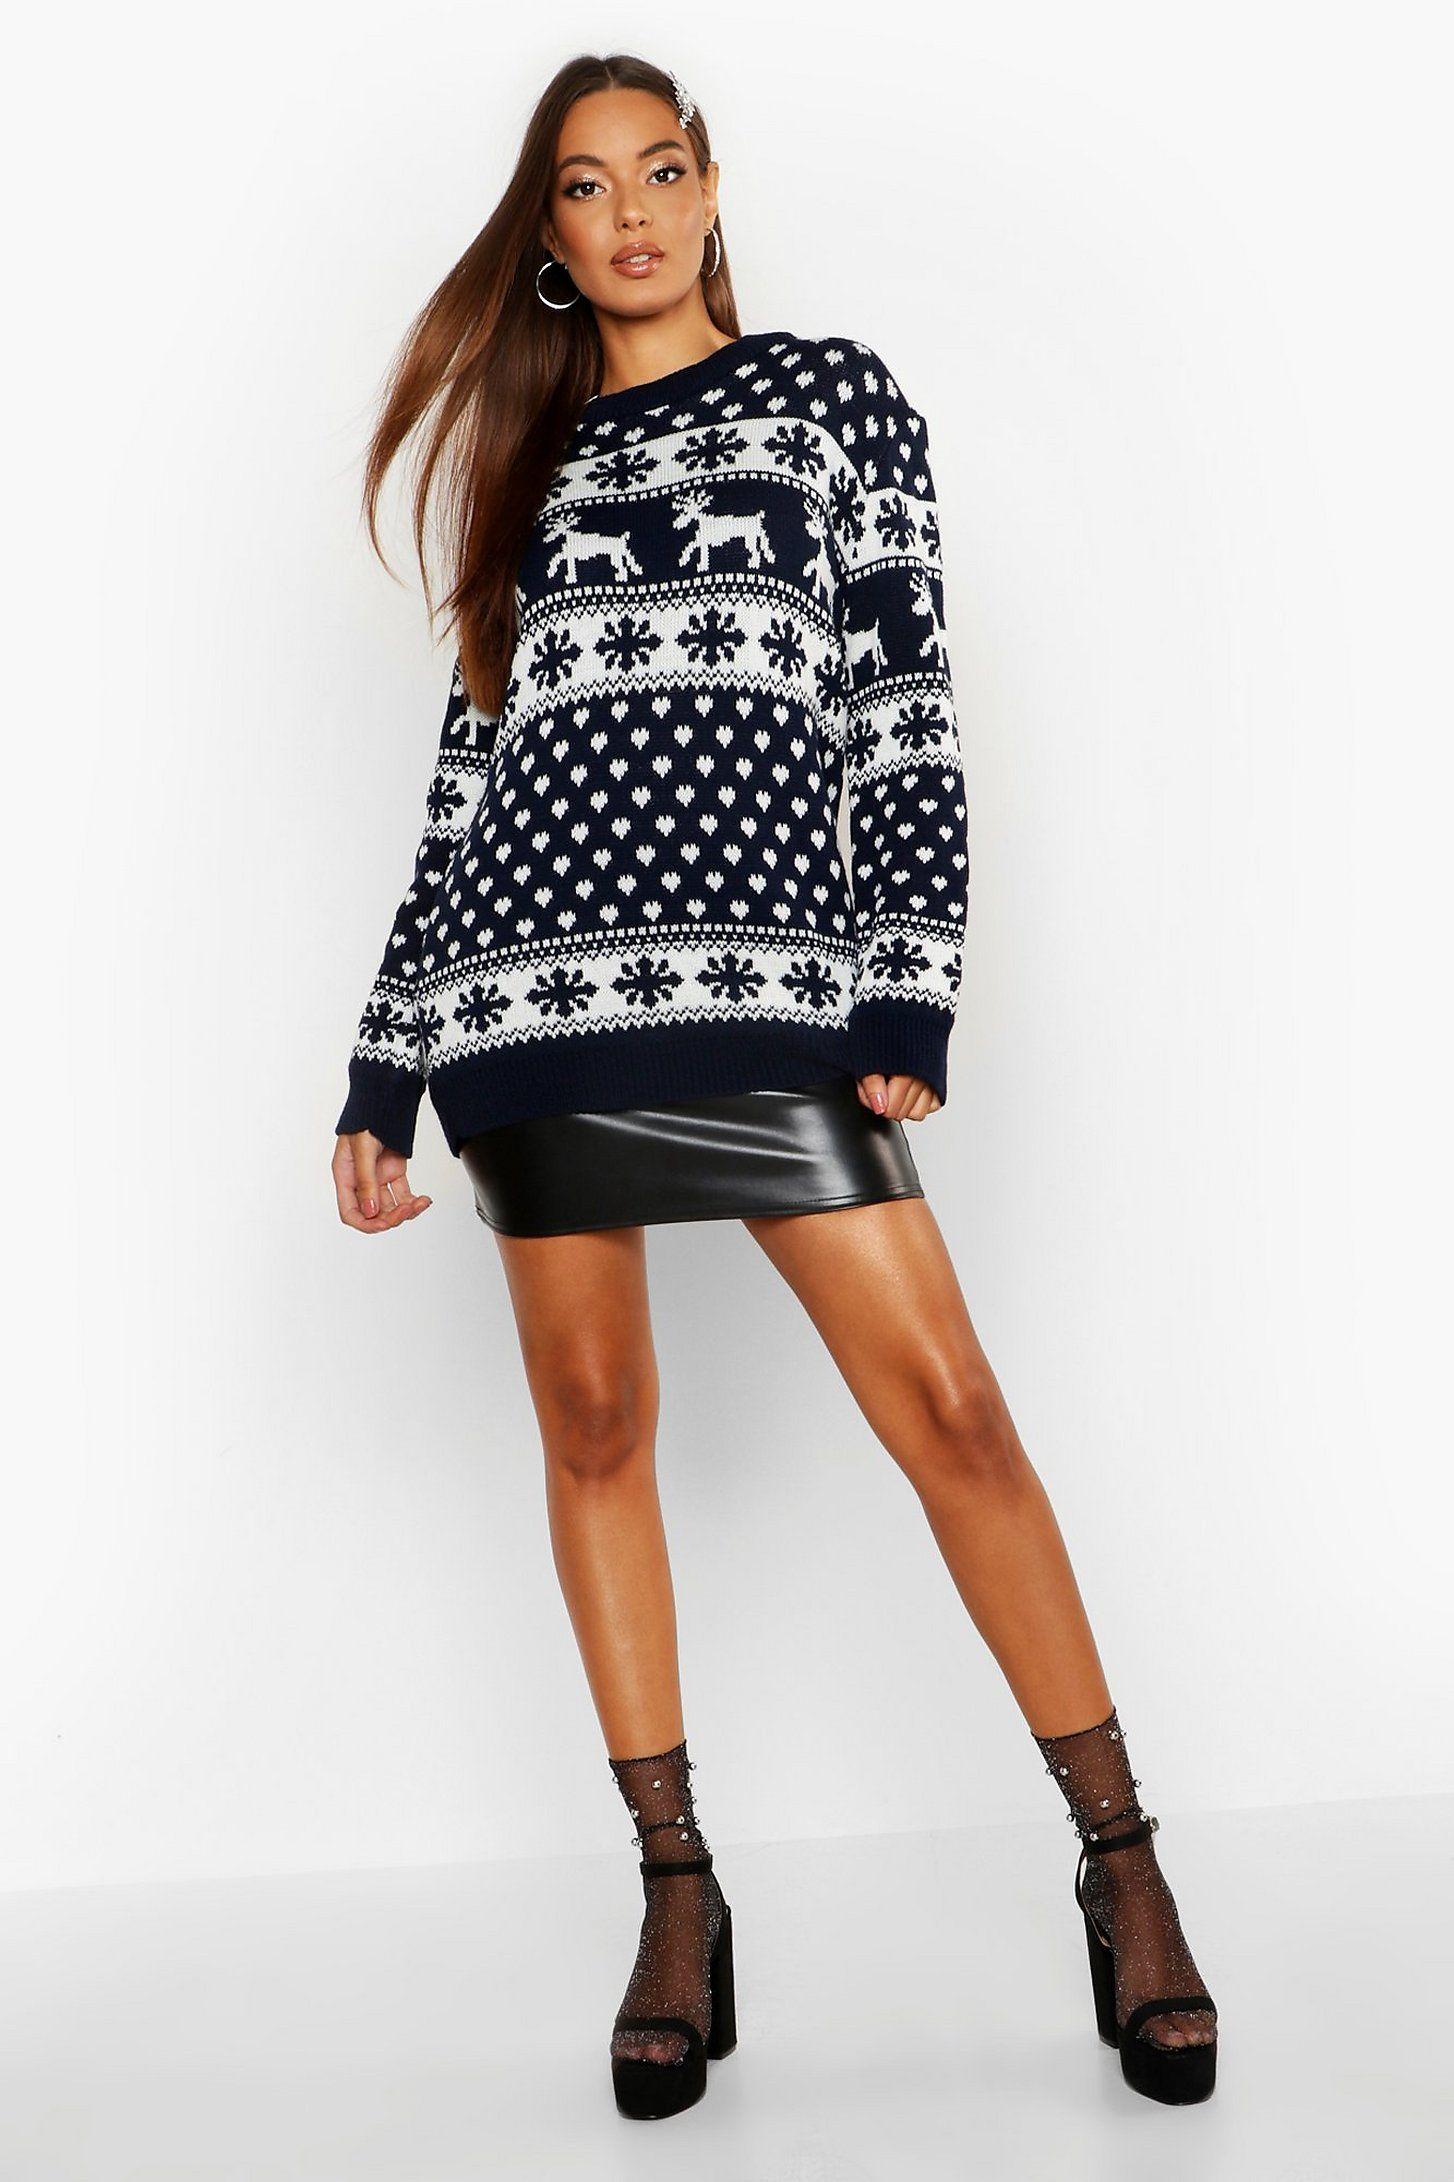 Reindeer & Snowflake Christmas Jumper Boohoo UK